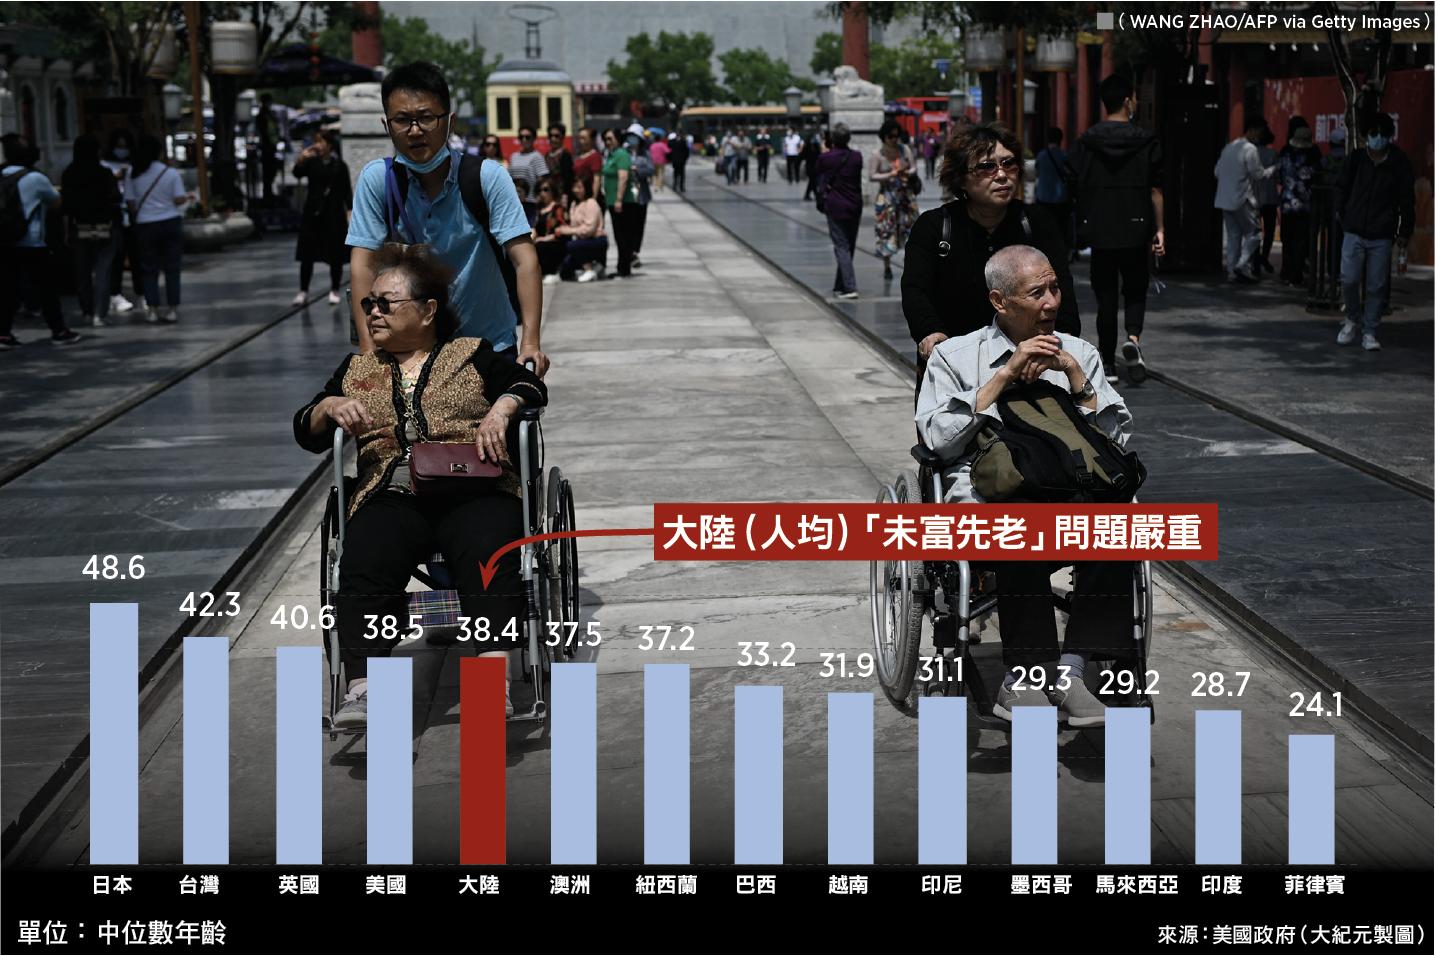 大陸過往10年的人口年均增長率僅0.53%,踏入2017年後的幾年間增幅收窄情況加劇。大陸(人均)「未富先老」問題嚴重。(WANG ZHAO/AFP via Getty Images;大紀元製圖)